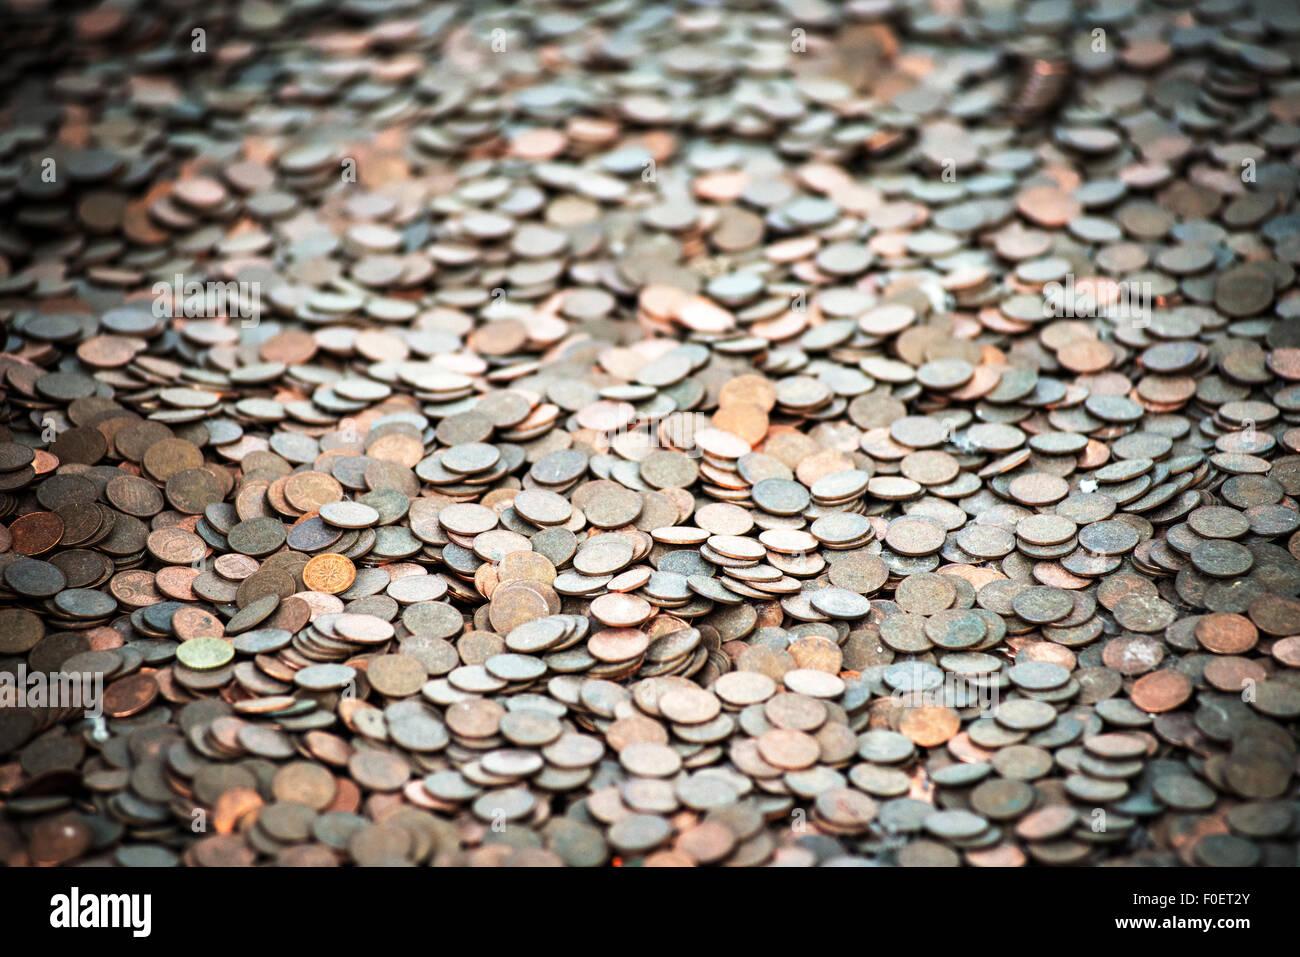 Tausende von Münzen auf dem Boden, spot-Licht Stockbild